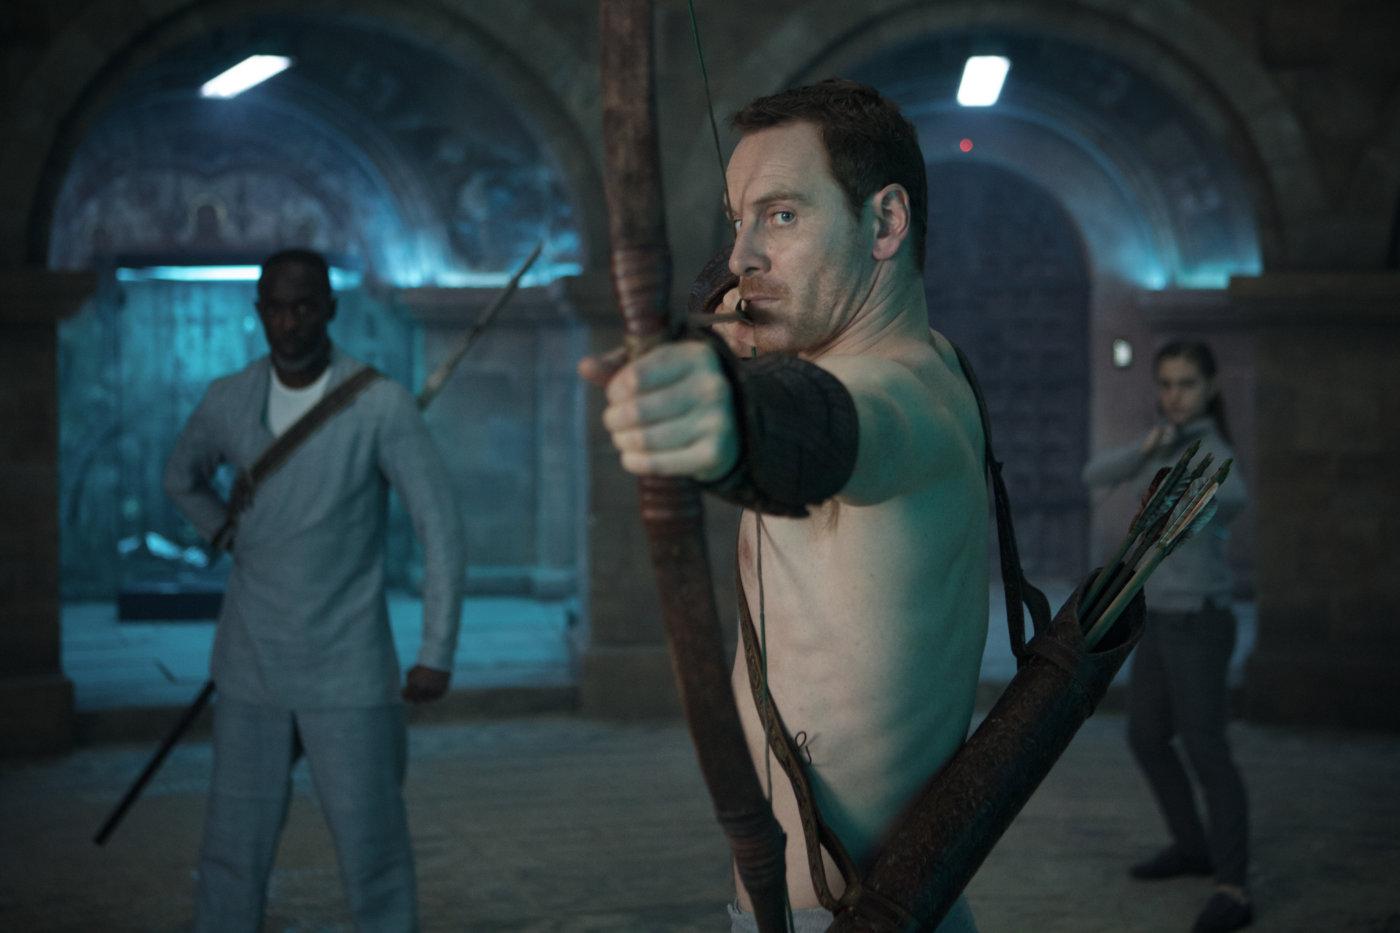 (2) Филм: Асасинс крид (Assassin's Creed)